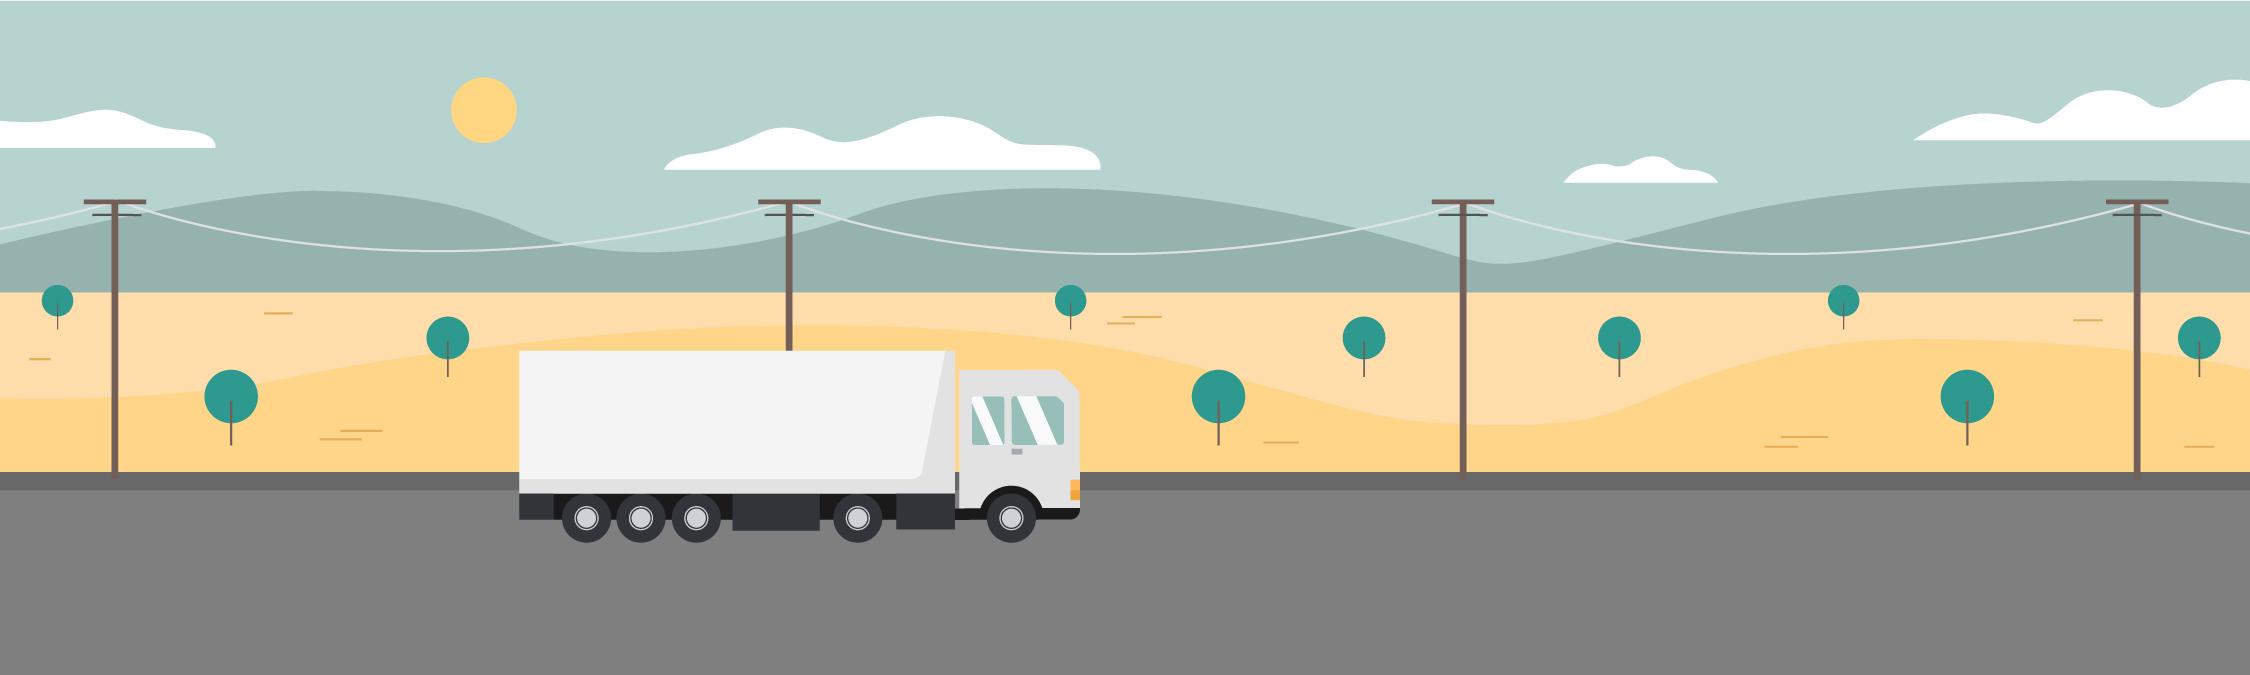 Illustration d'un camion traversant le champ